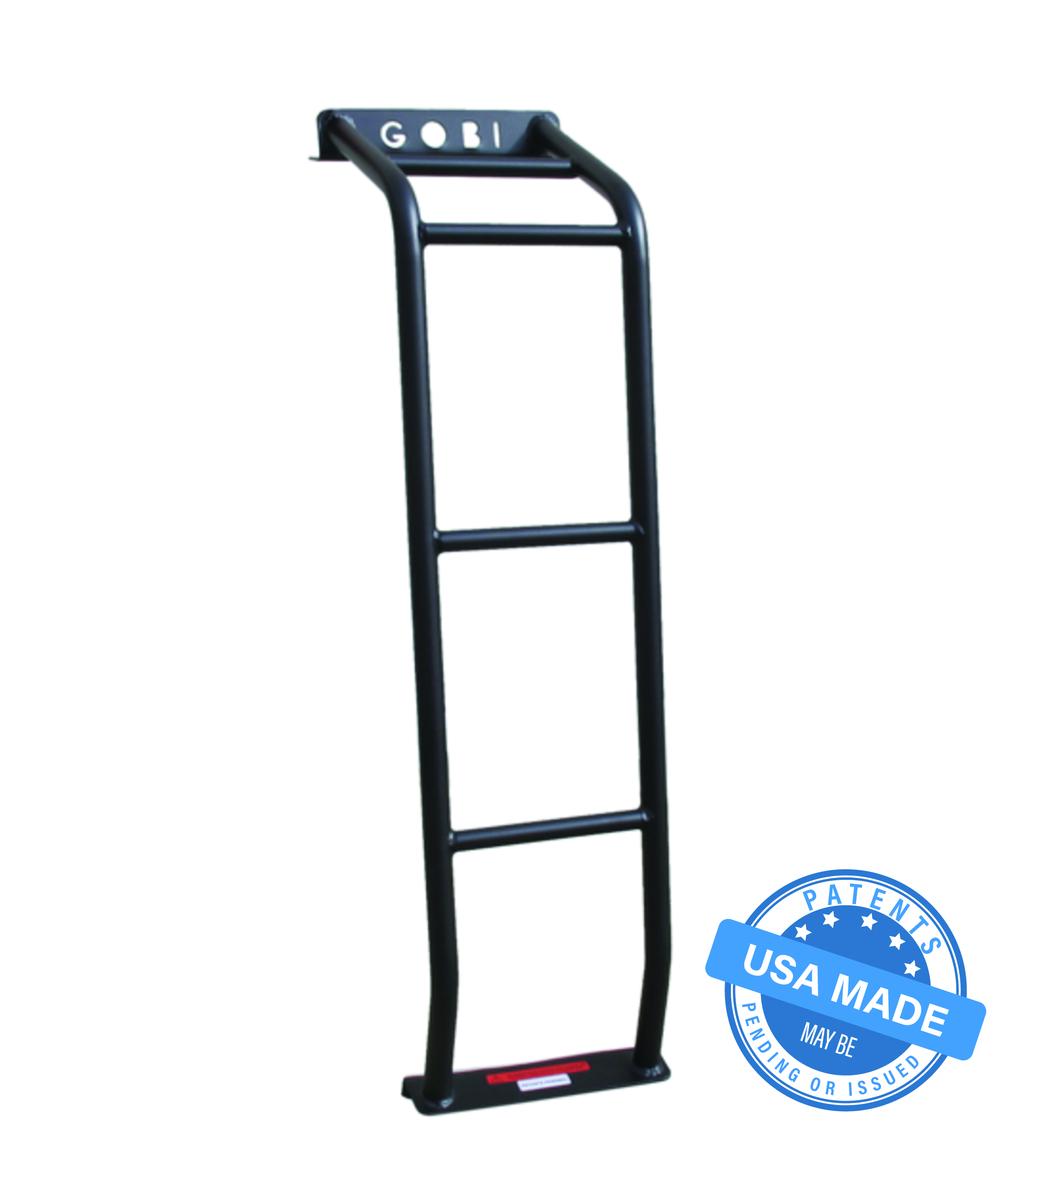 Gobi Toyota Landcruiser 200 Rear Ladder Driver Side